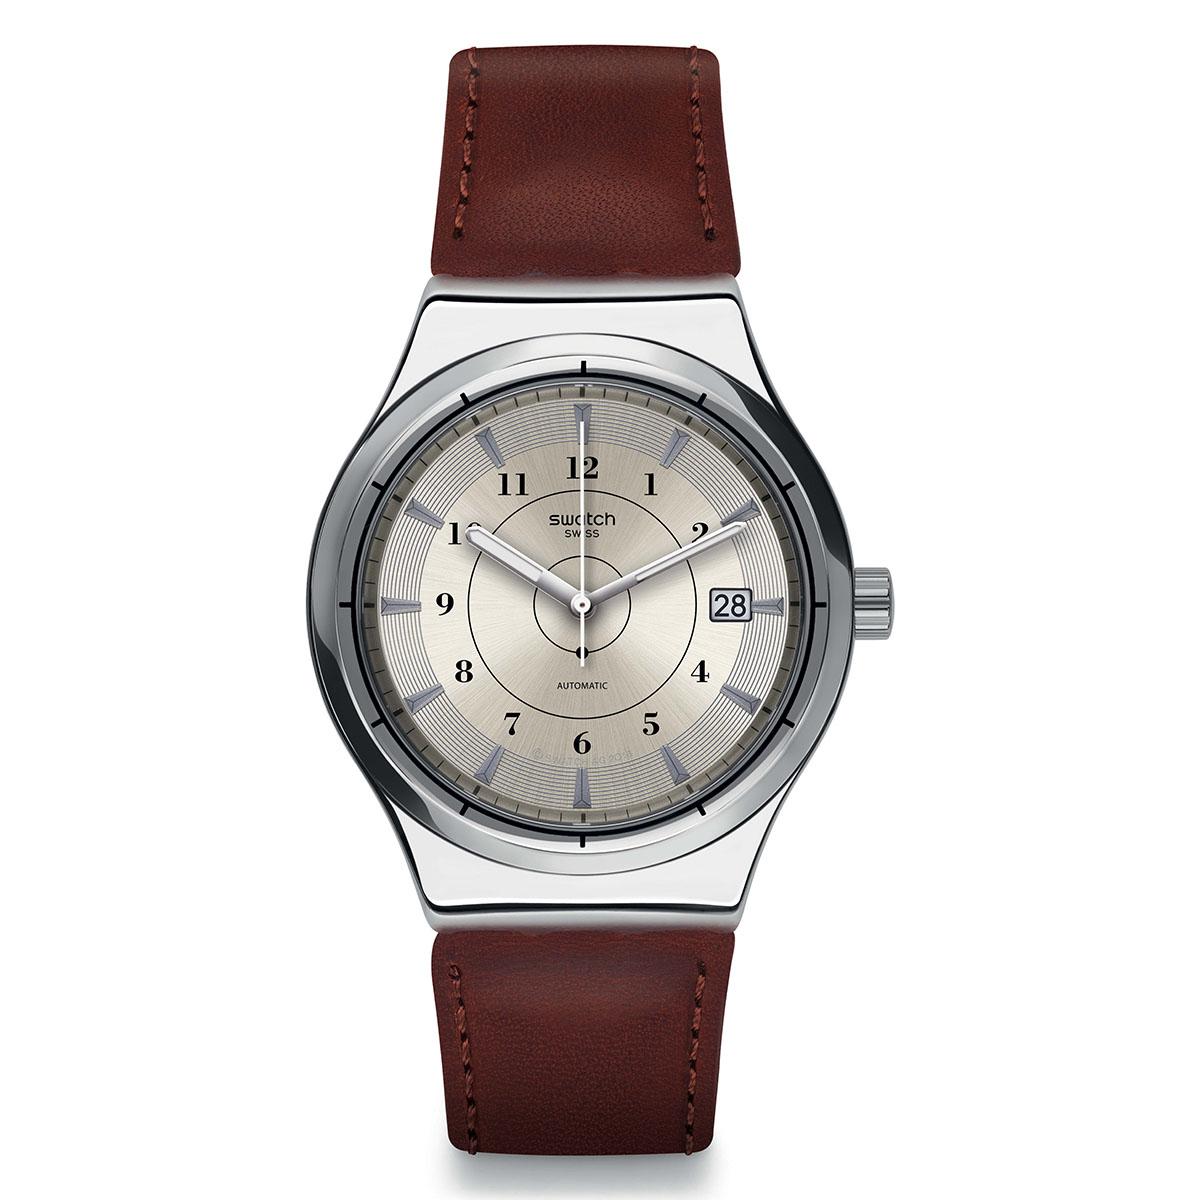 la nouvelle montre automatique de swatch la sistem51 irony. Black Bedroom Furniture Sets. Home Design Ideas